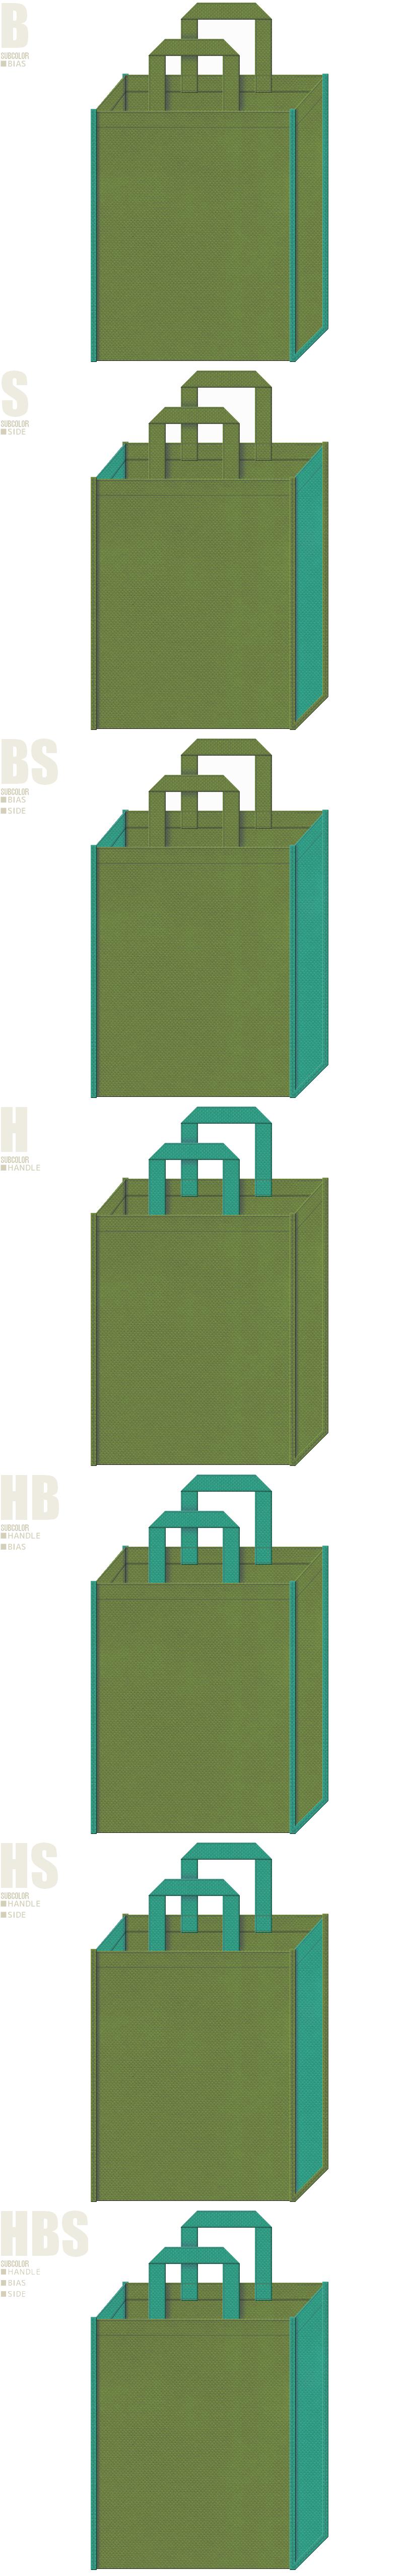 草色と青緑色、7パターンの不織布トートバッグ配色デザイン例。